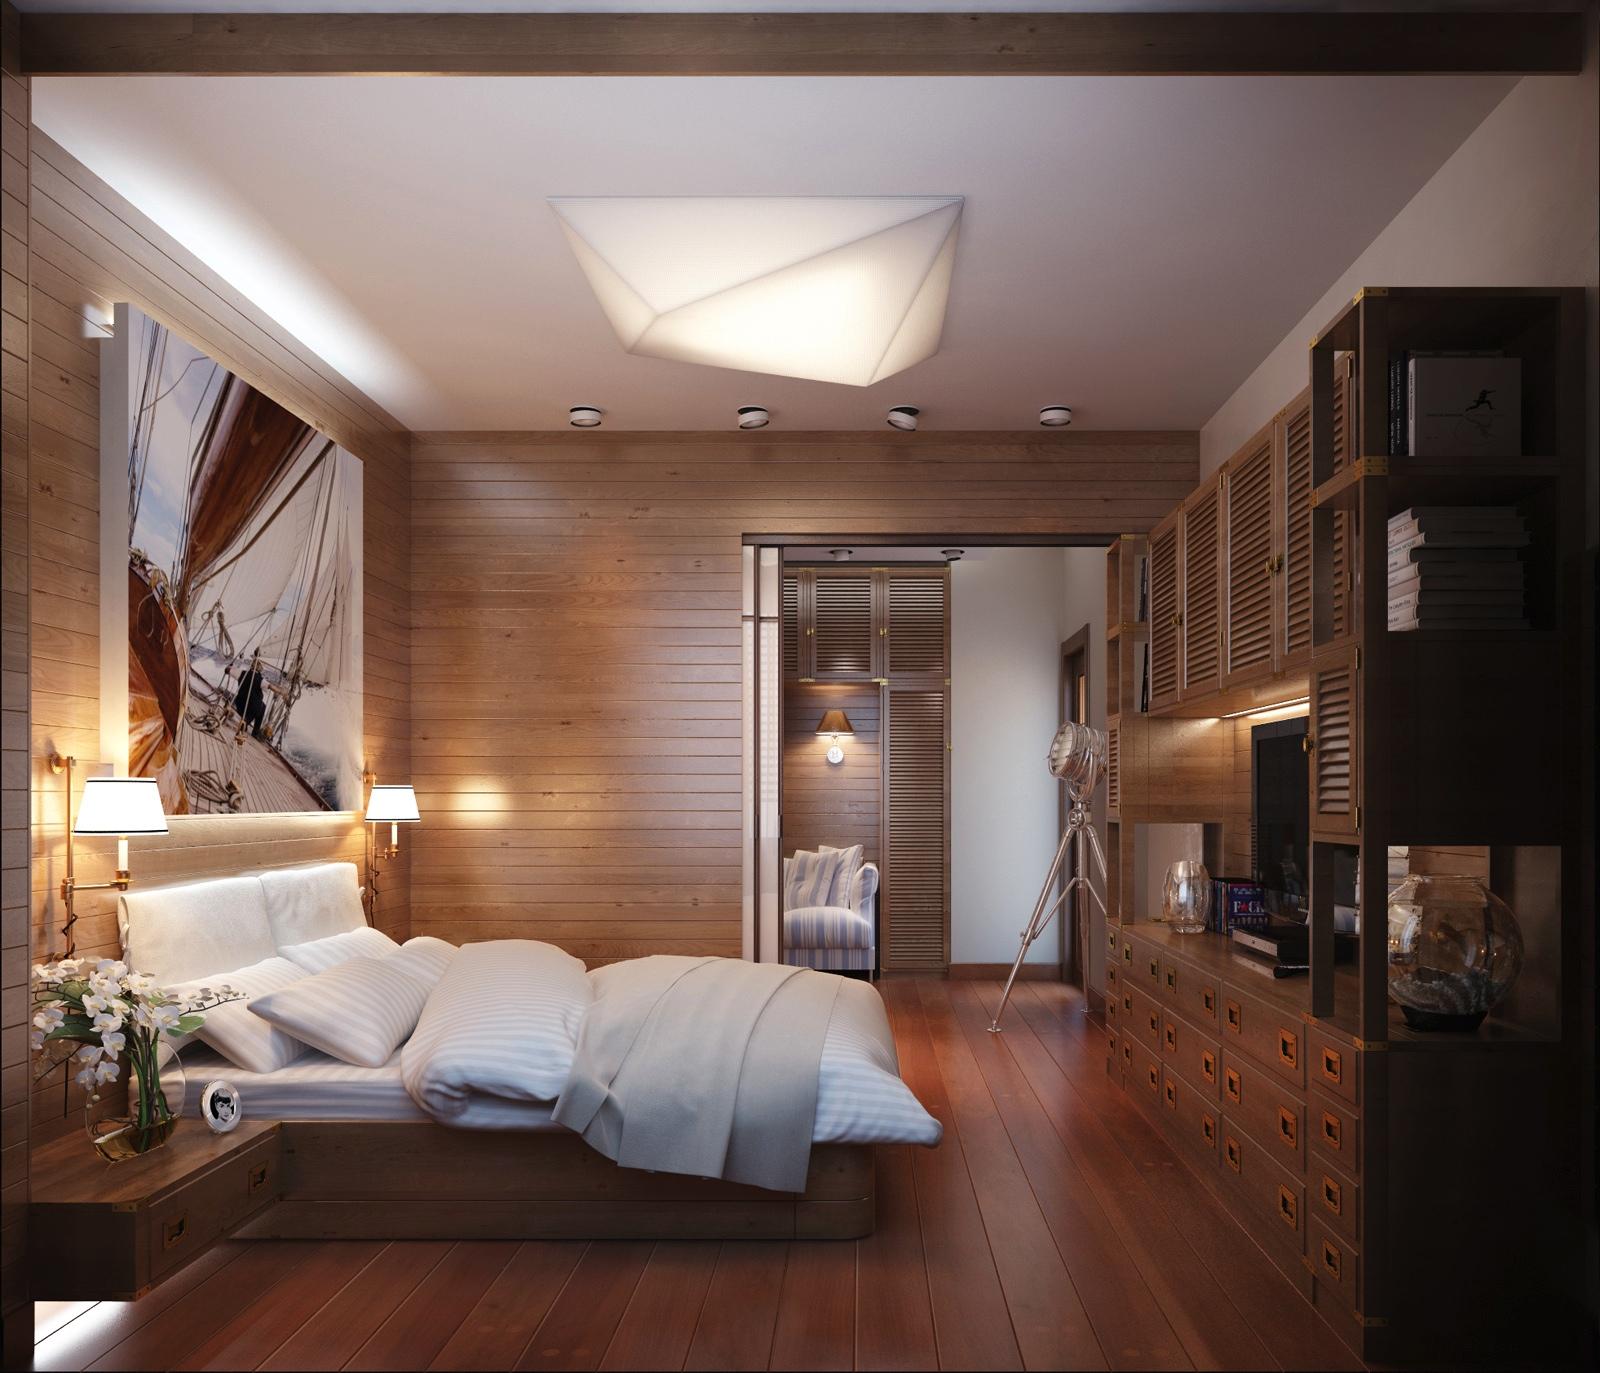 fantastisk-moderne-moderne-værelses-designs-ideer